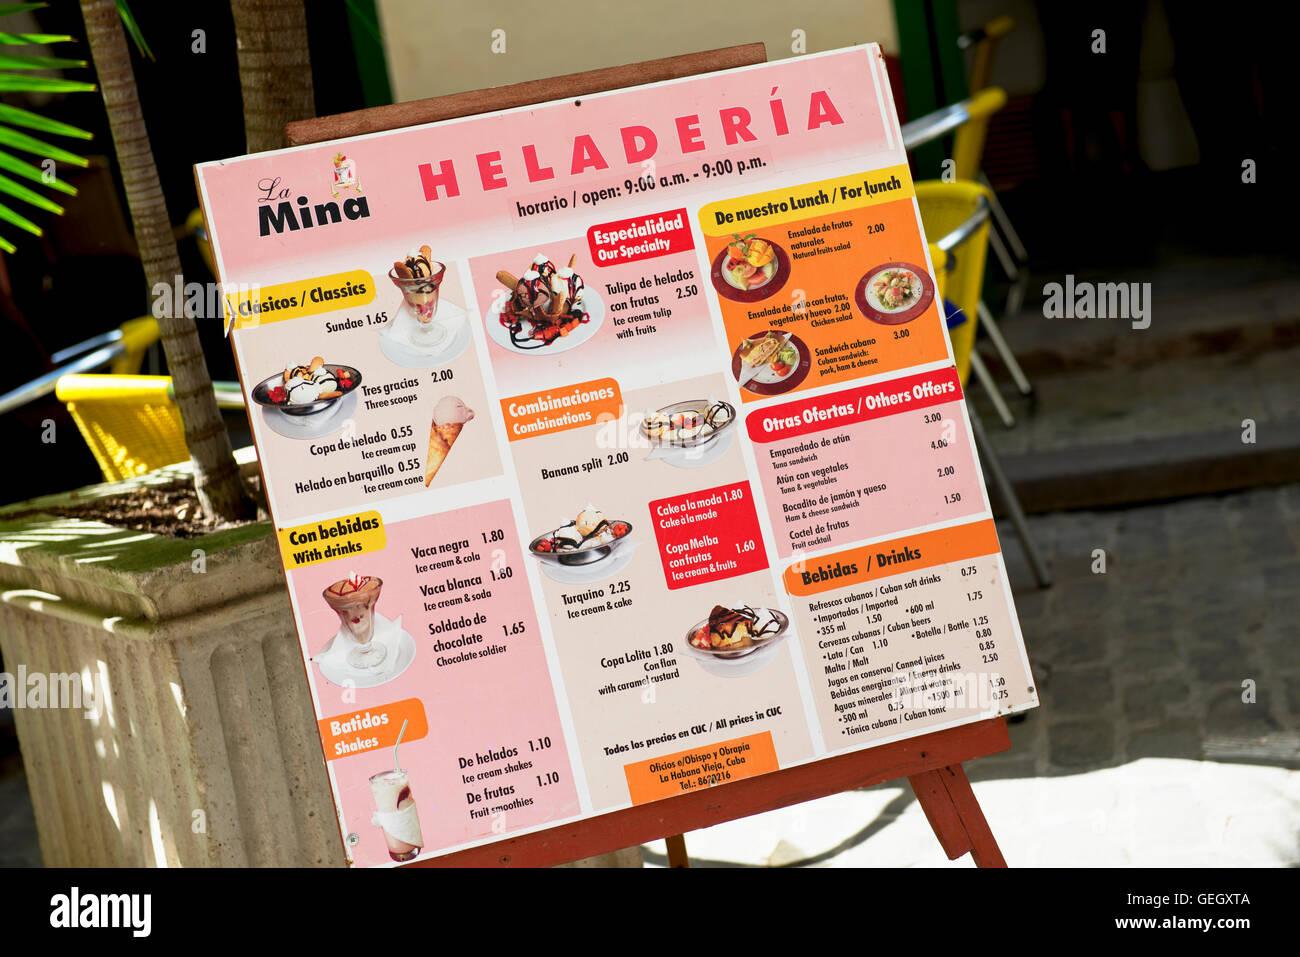 Menu Cuba La Habana Vieja, La Habana Restaurante CUC Los precios de los alimentos Imagen De Stock